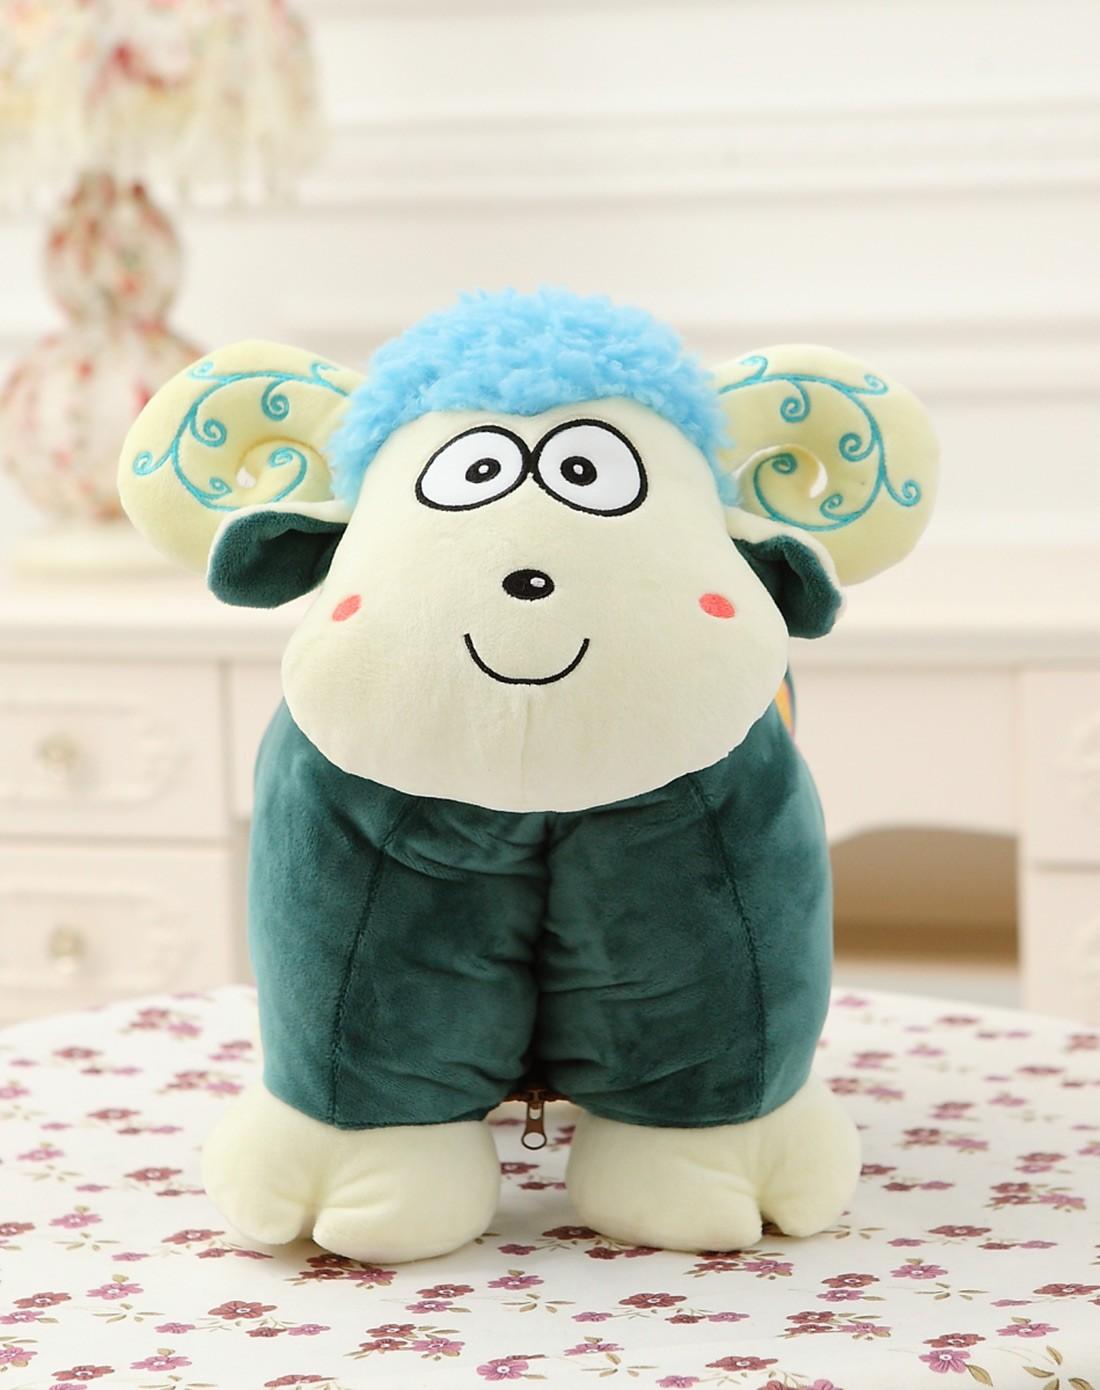 可爱蓝色卡通羊公仔靠垫